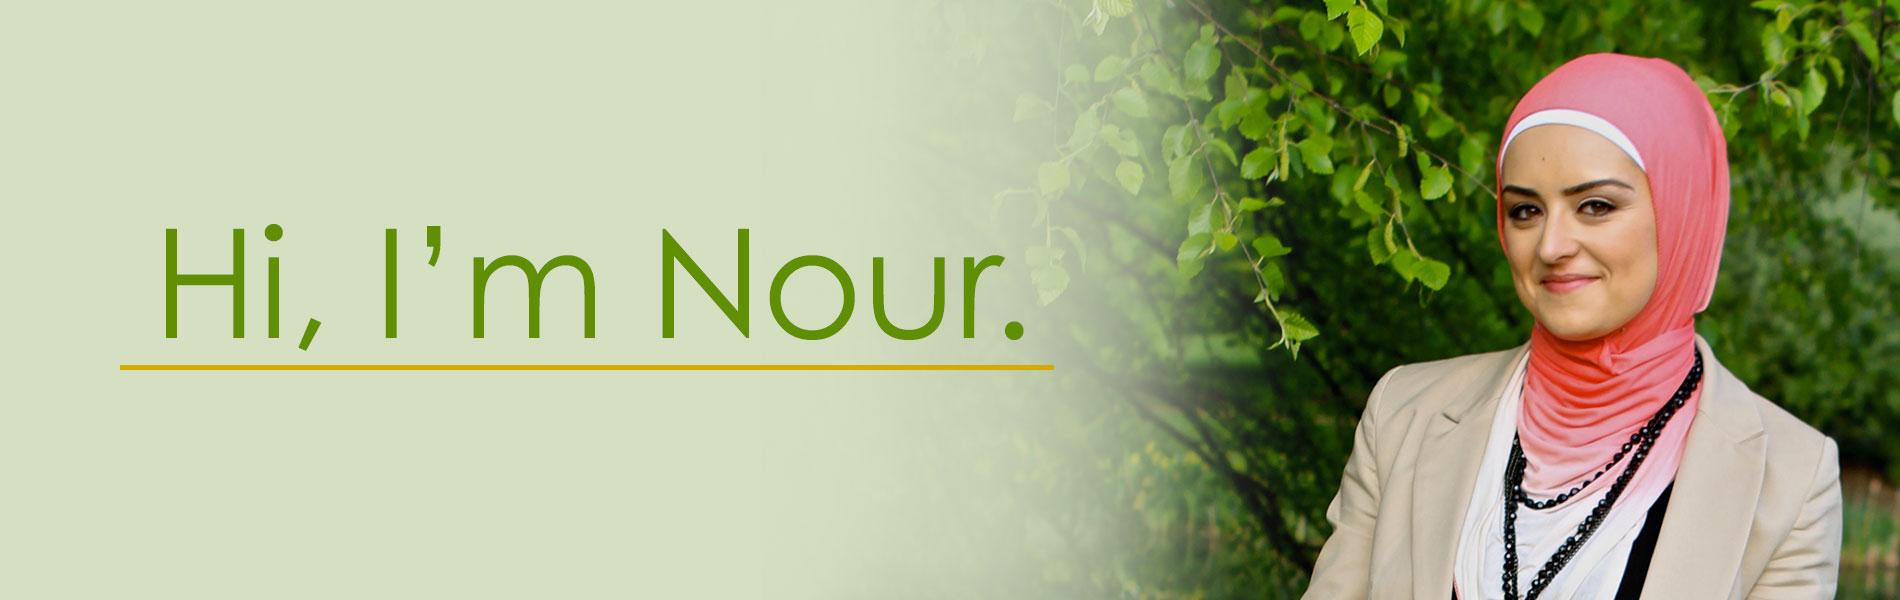 About Nour